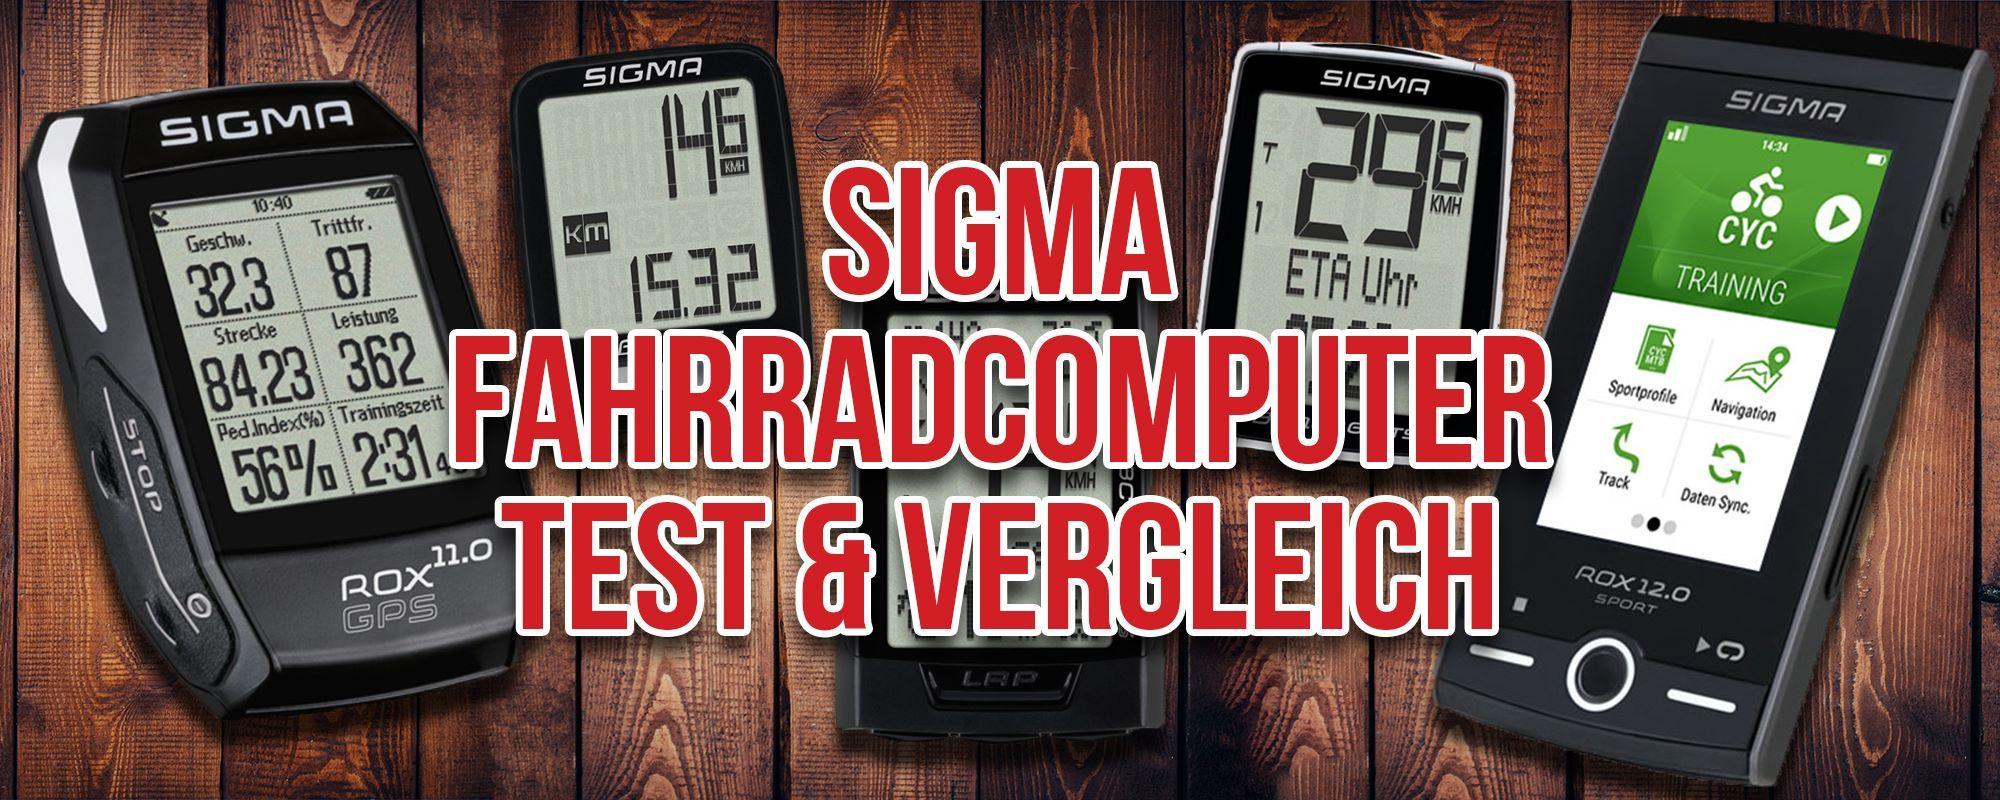 Sigma Fahrradcomputer Test & komplette Modellübersicht 2021 - Alles was Du wissen solltest